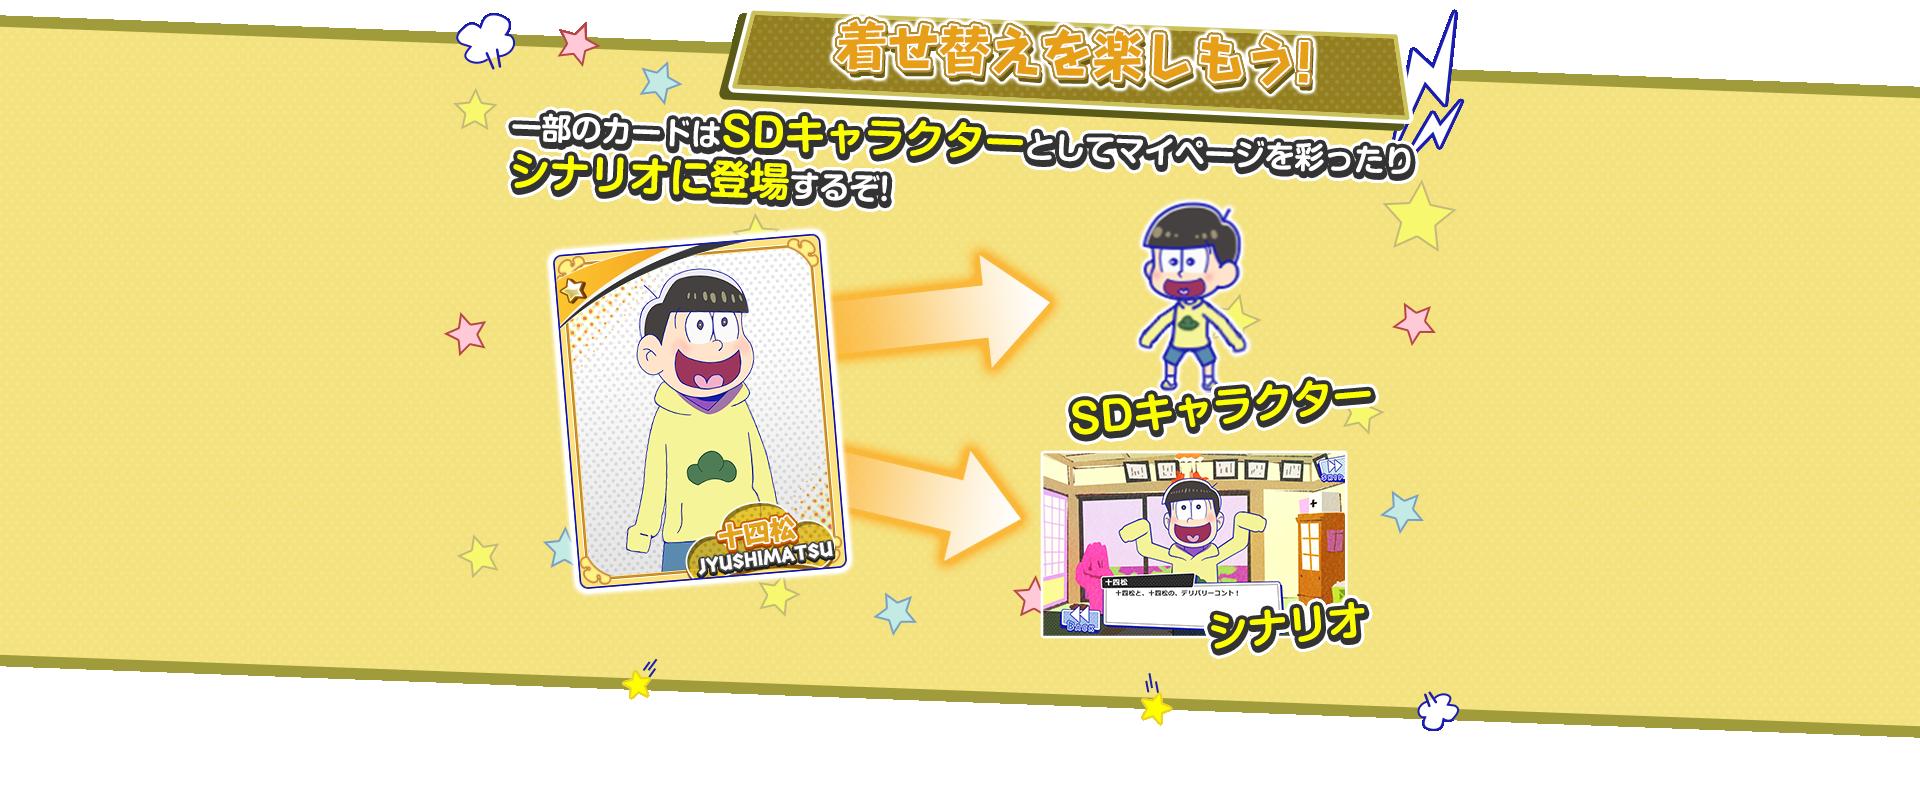 着せ替えを楽しもう!一部のカードはSDキャラクターとしてマイページを彩ったりシナリオに登場するぞ!